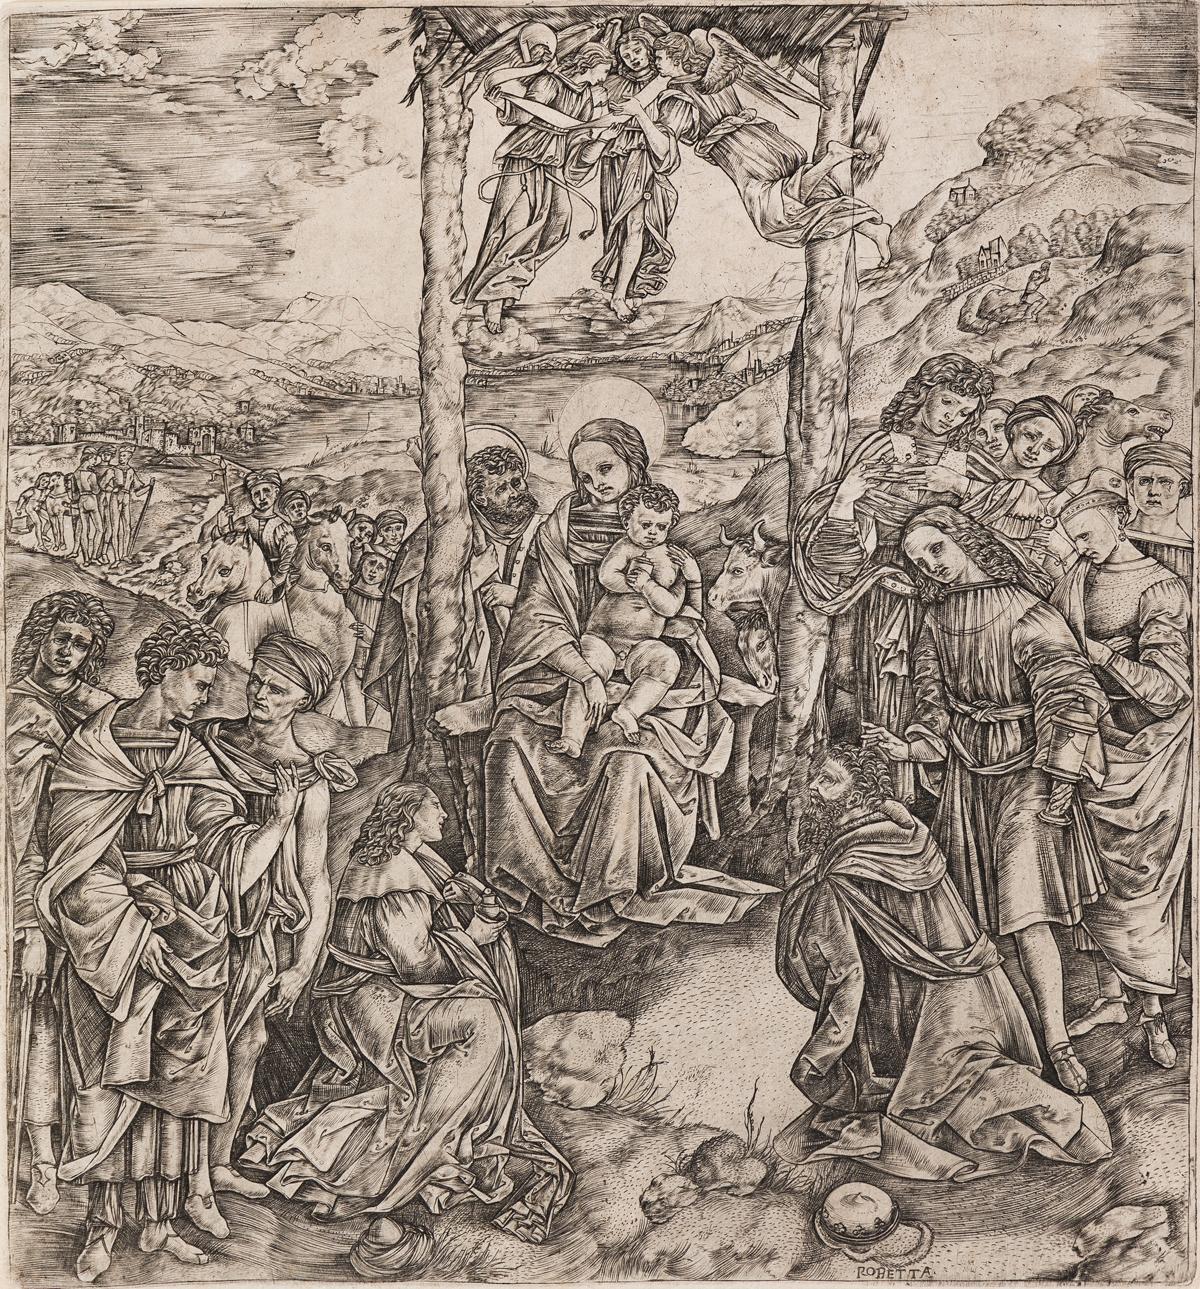 CRISTOFANO DI MICHELE MARTINI, IL ROBETTA The Adoration of the Magi.